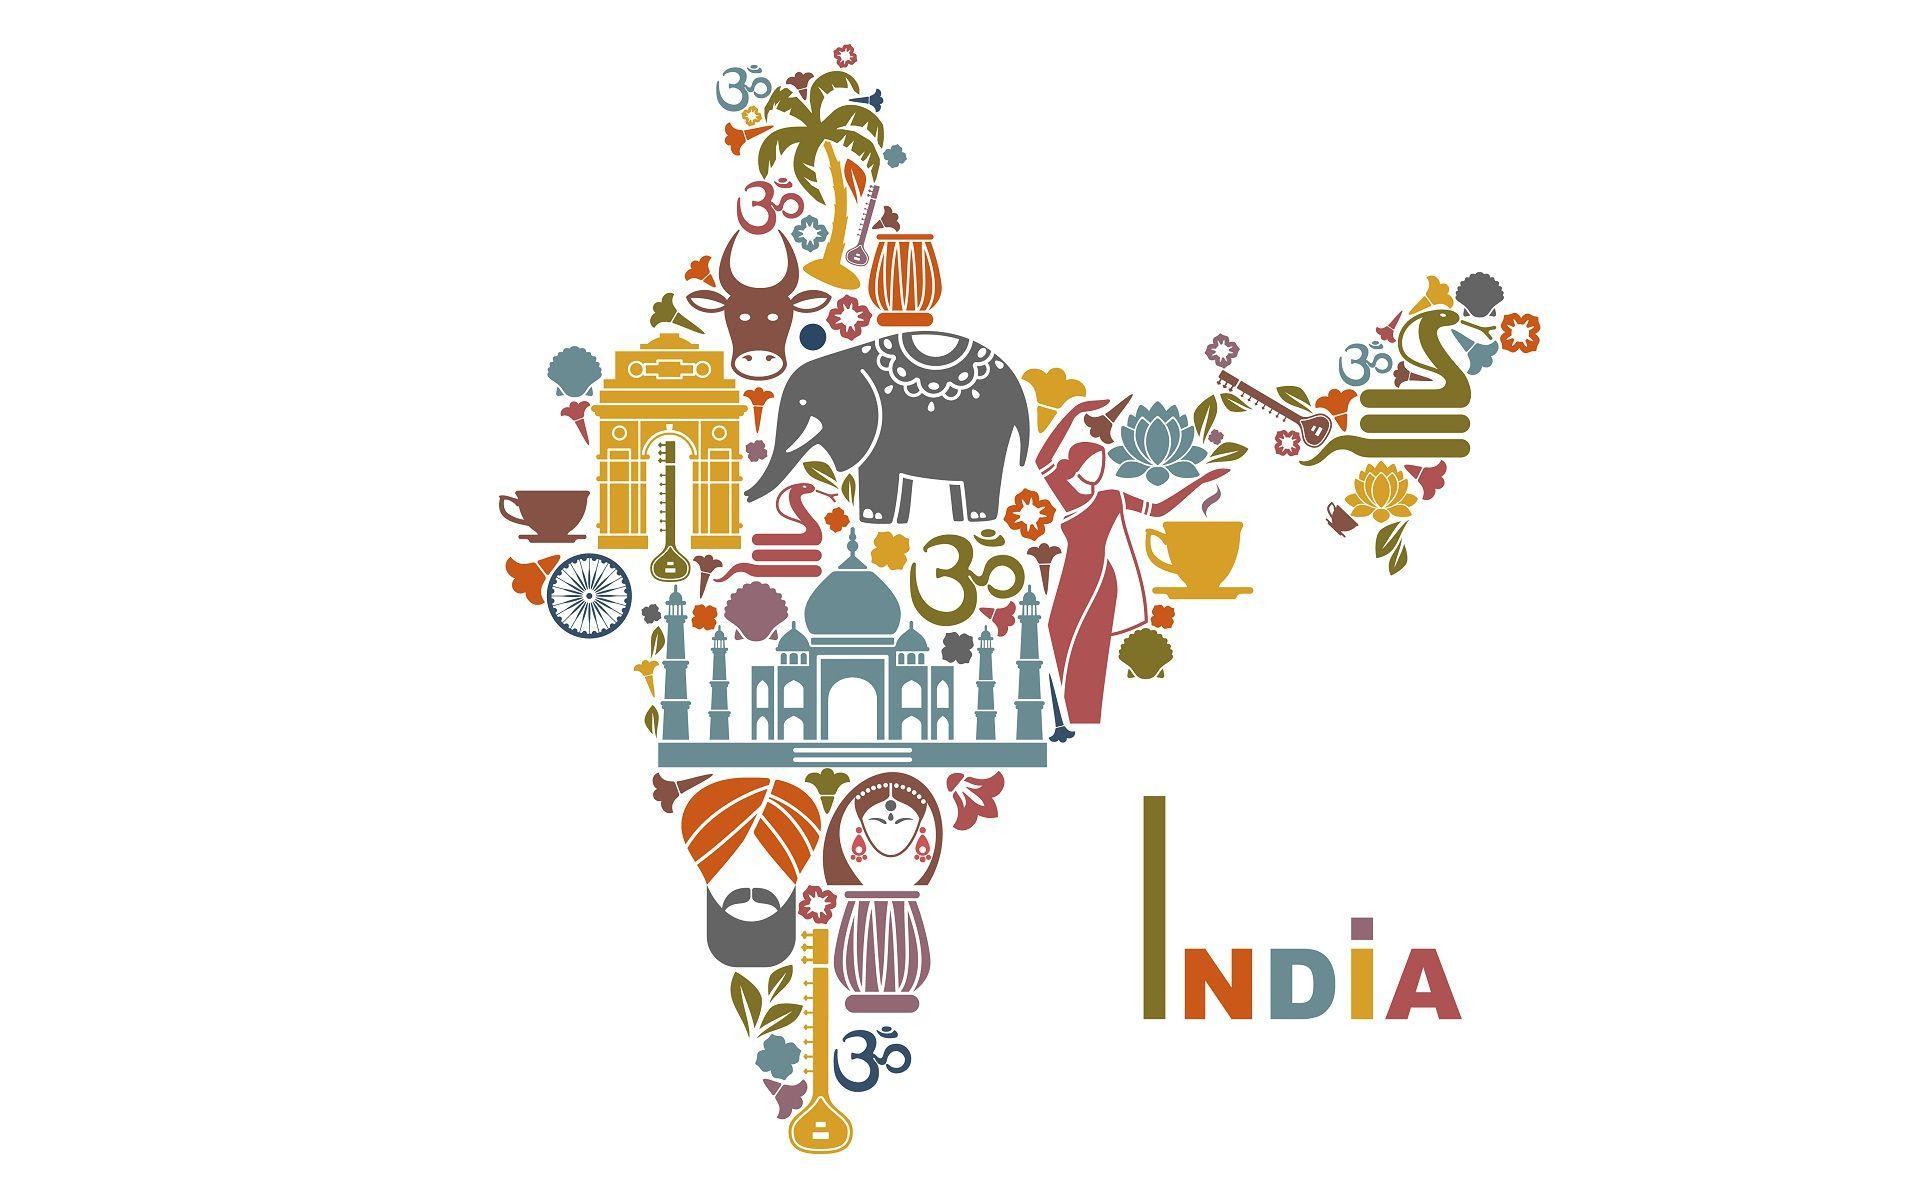 1920x1200 tôn giáo Ấn Độ làm cho bản đồ Ấn Độ hình nền Ấn Độ tuyệt vời.  HD